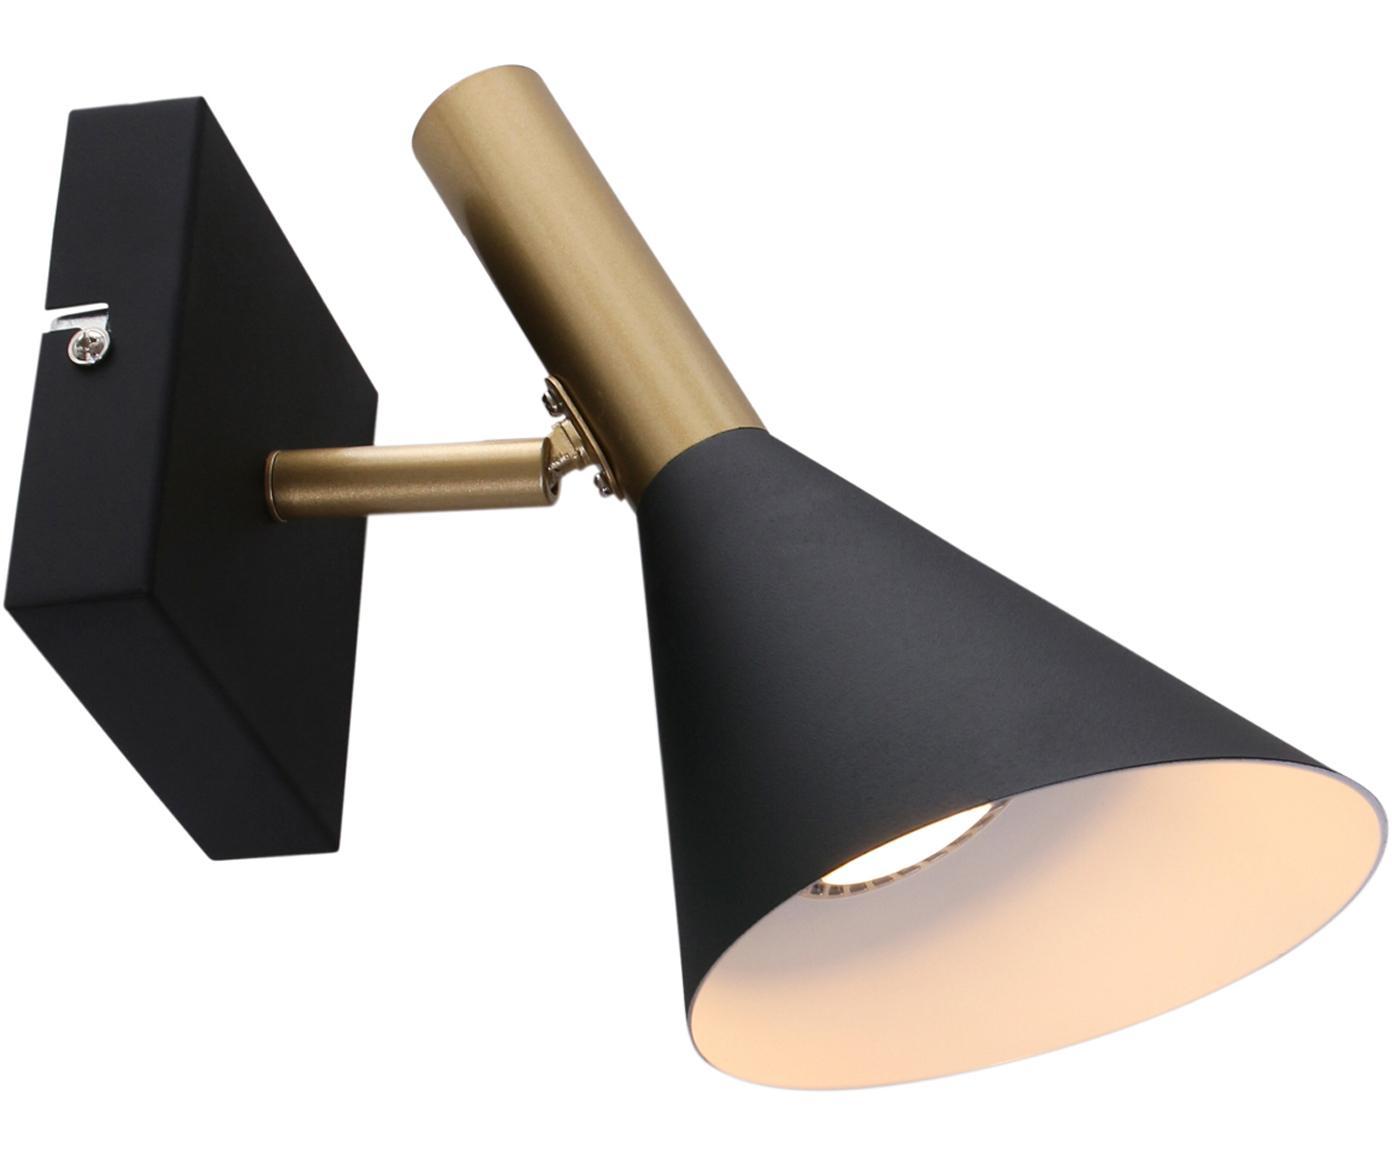 Wandlamp Nol, Gelakt messing, Zwart, mat messingkleurig, 21 x 16 cm